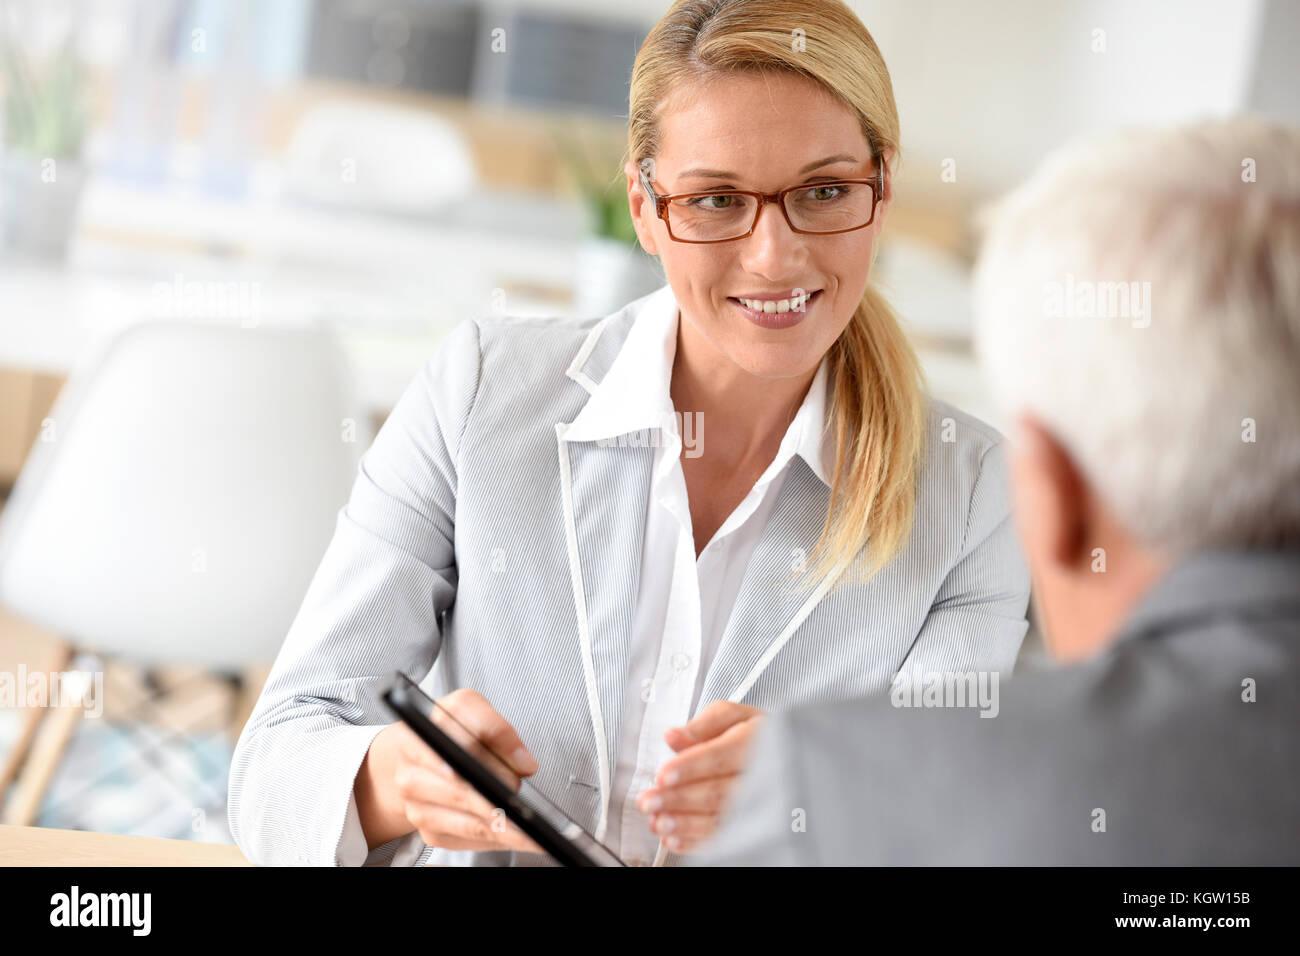 La empresaria con el cliente en reuniones de negocios Imagen De Stock